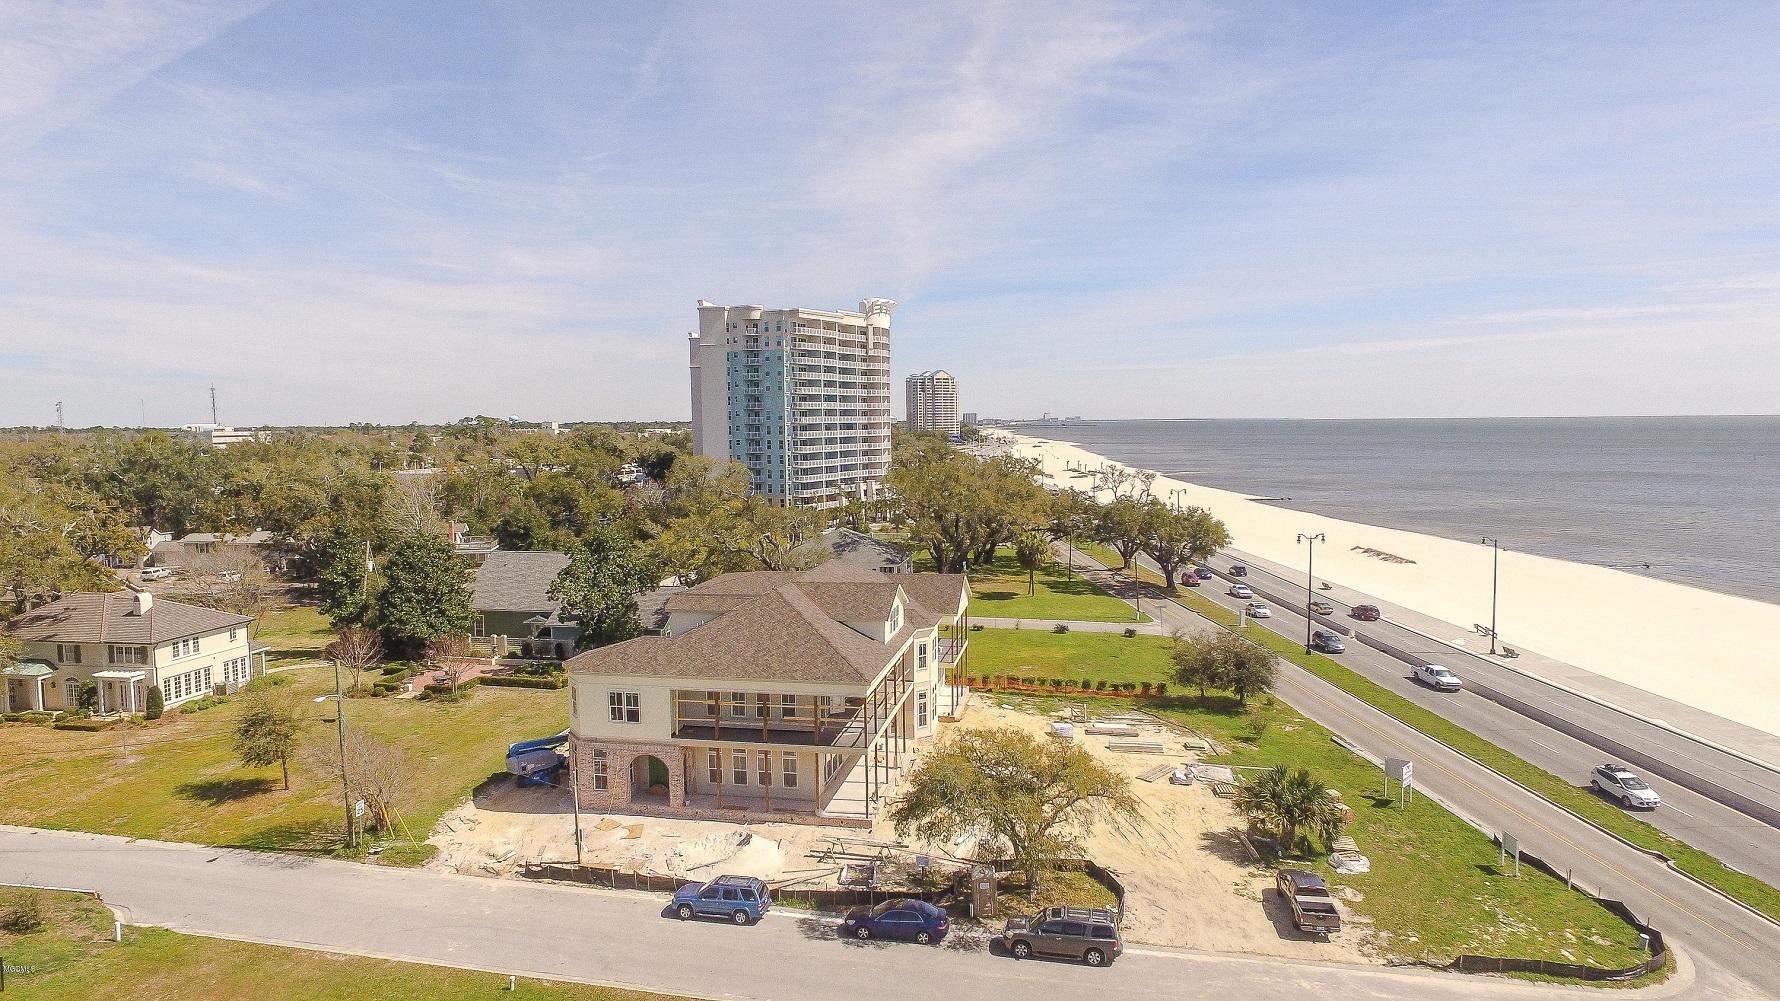 2082 Beach Drive in Gulfport